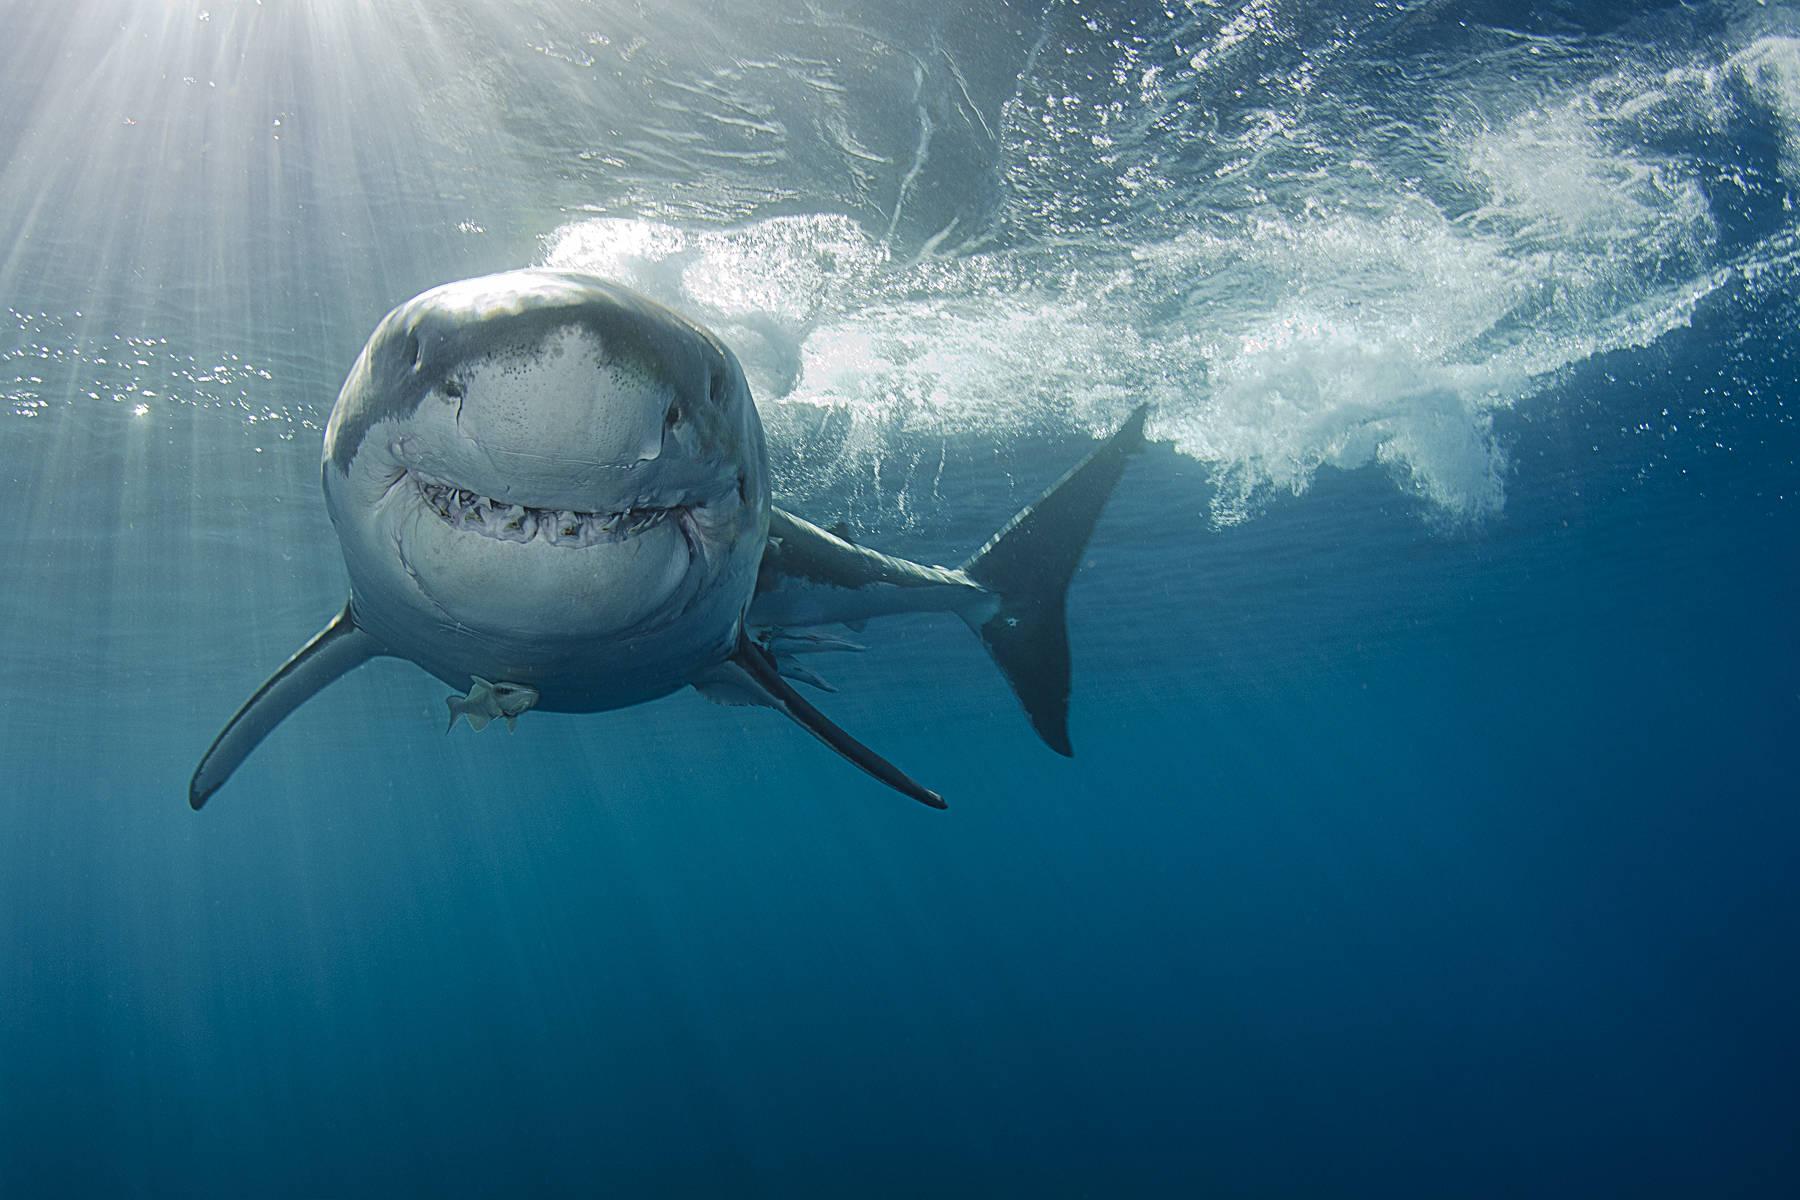 Ataque Tiburon Estrella Porno Fake video: perro de youtuber casi es devorado por tiburón blanco